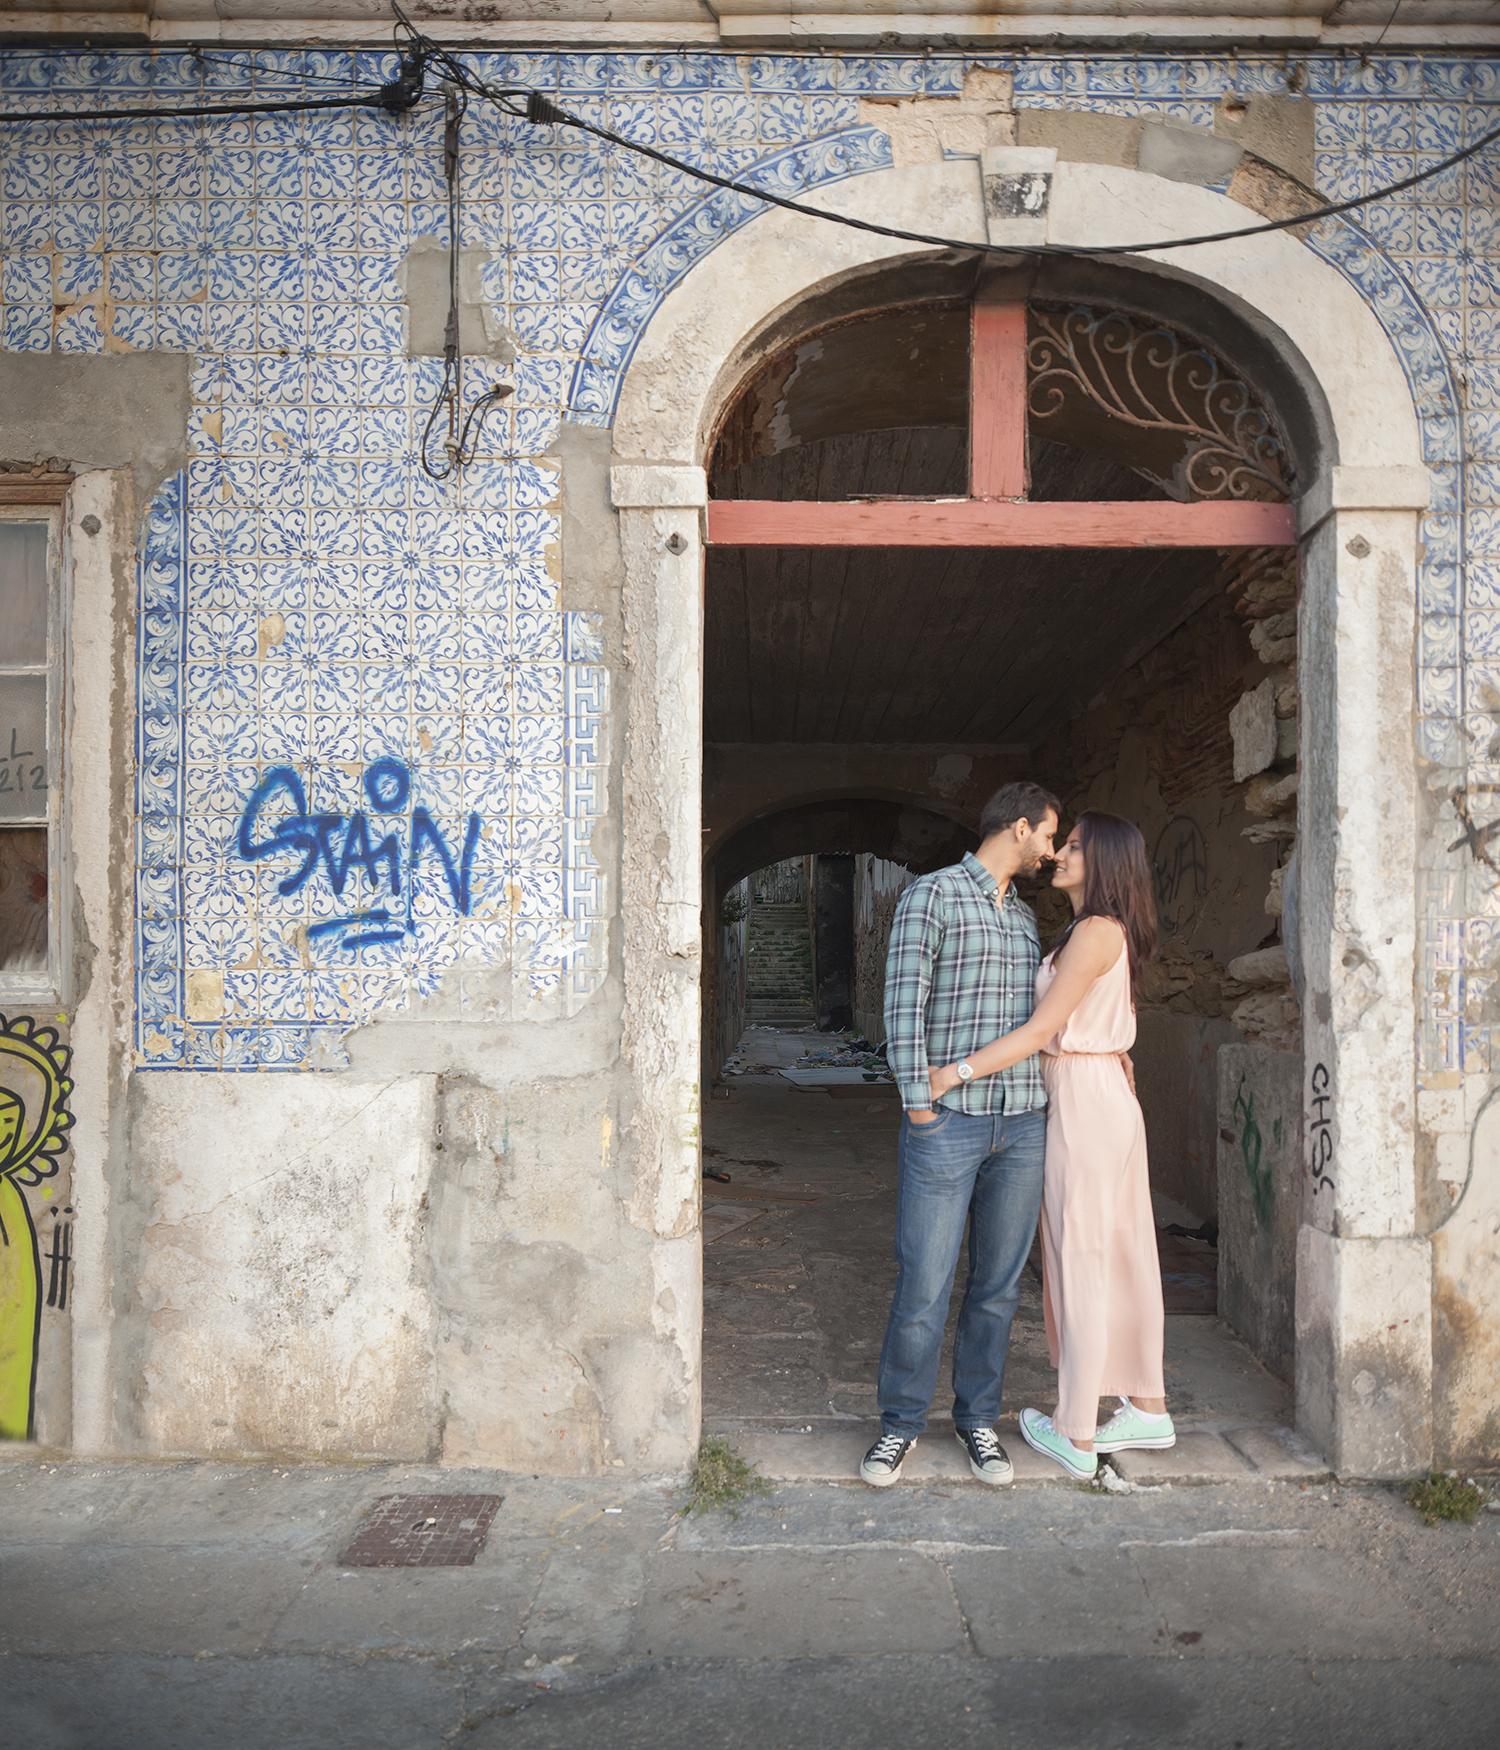 sessao-fotografica-casal-cais-ginjal-terra-fotografia-38.jpg